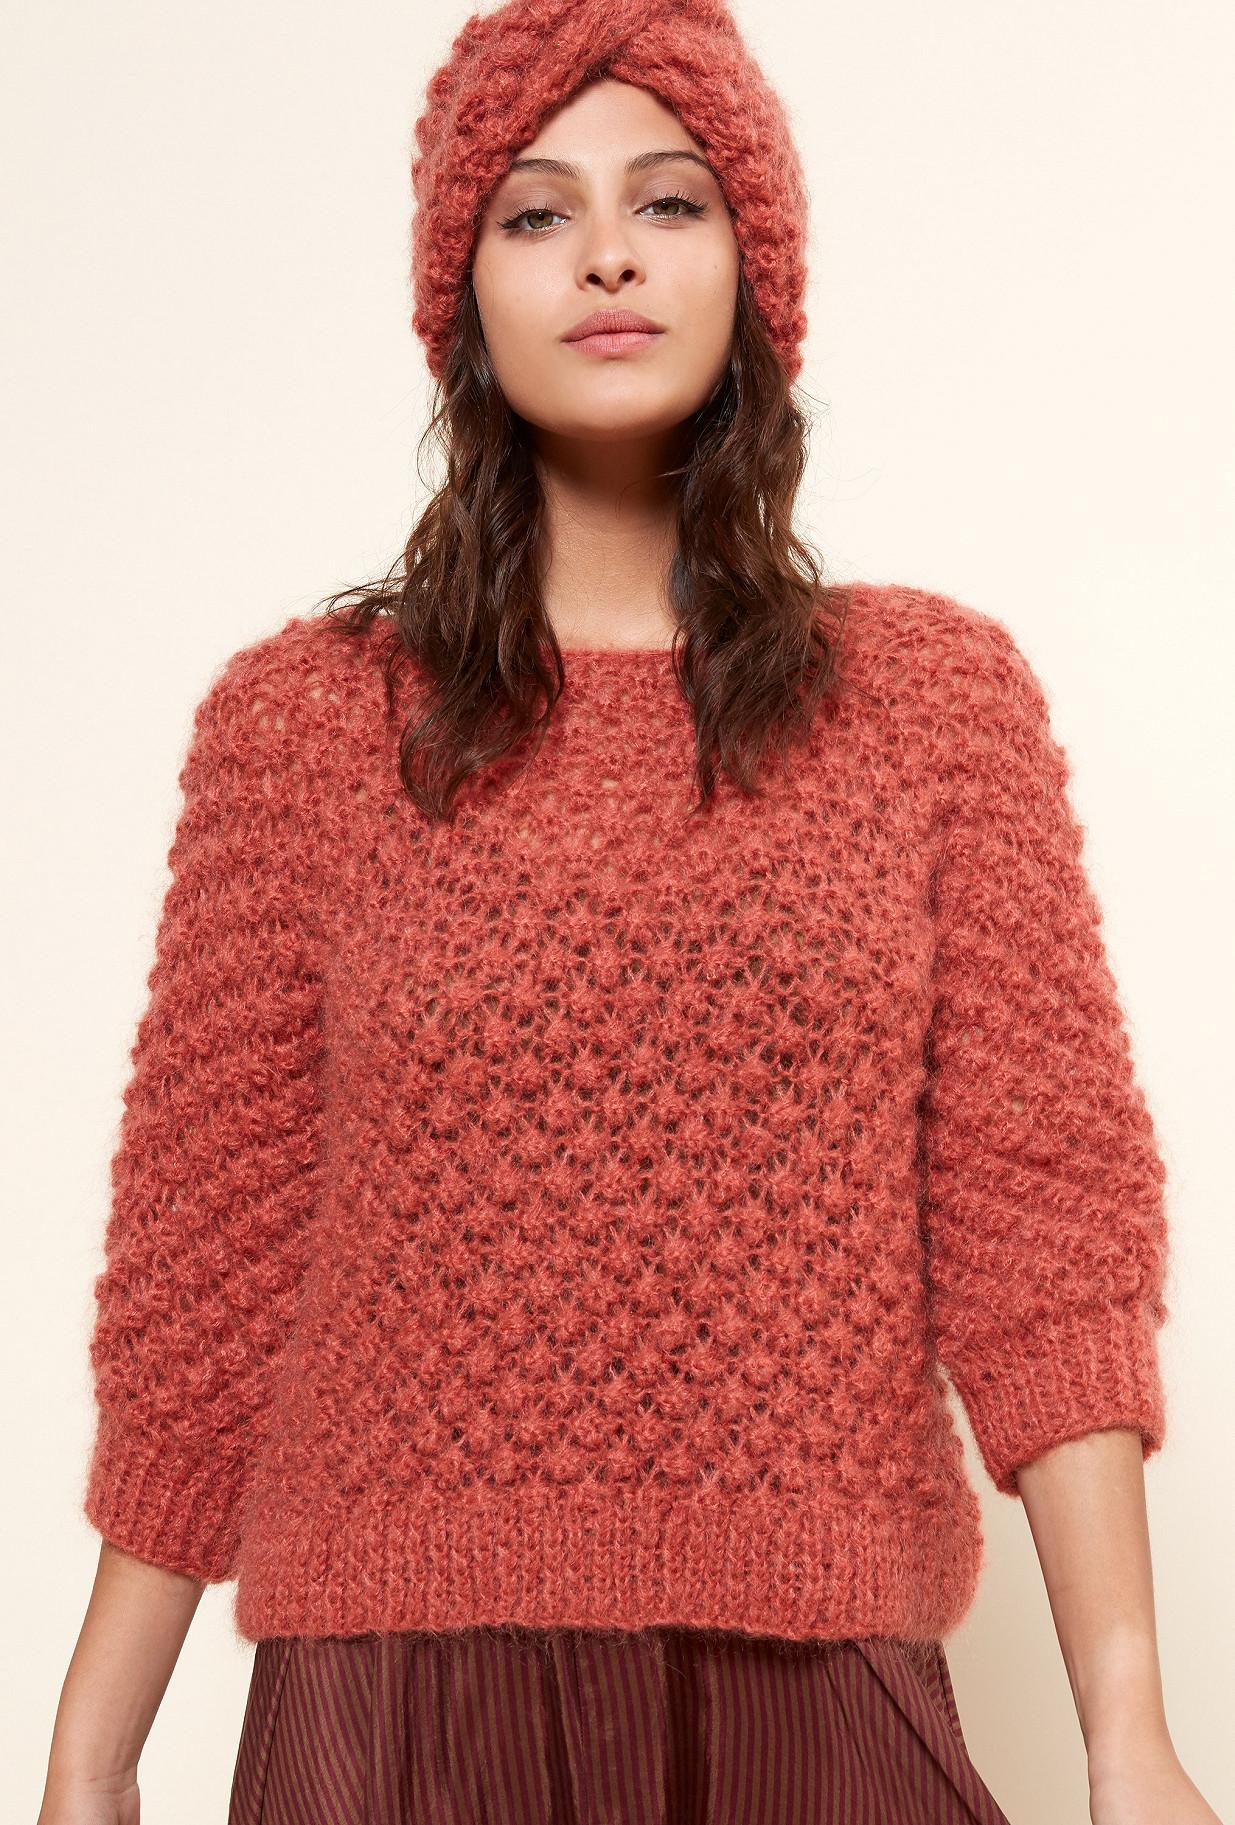 Paris boutique de mode vêtement Maille créateur bohème  Snow flake